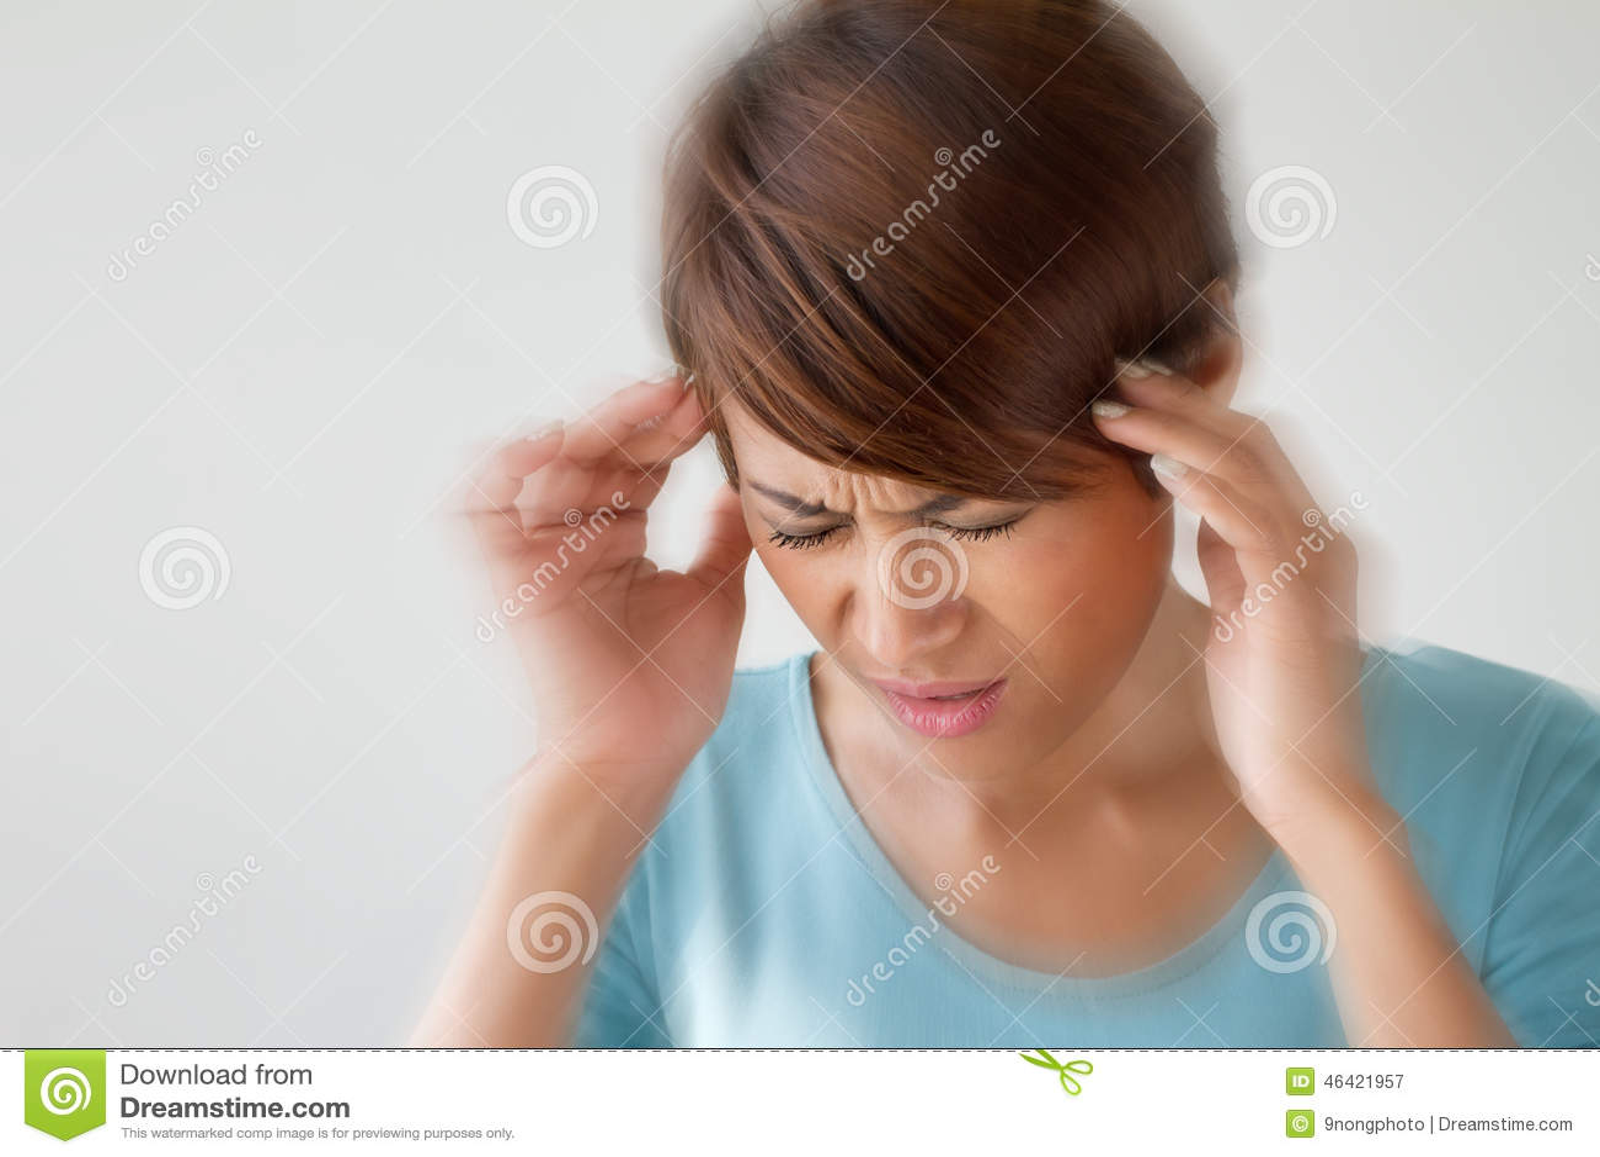 Женщина страдает от боли, головной боли, болезни, мигрени, стресса